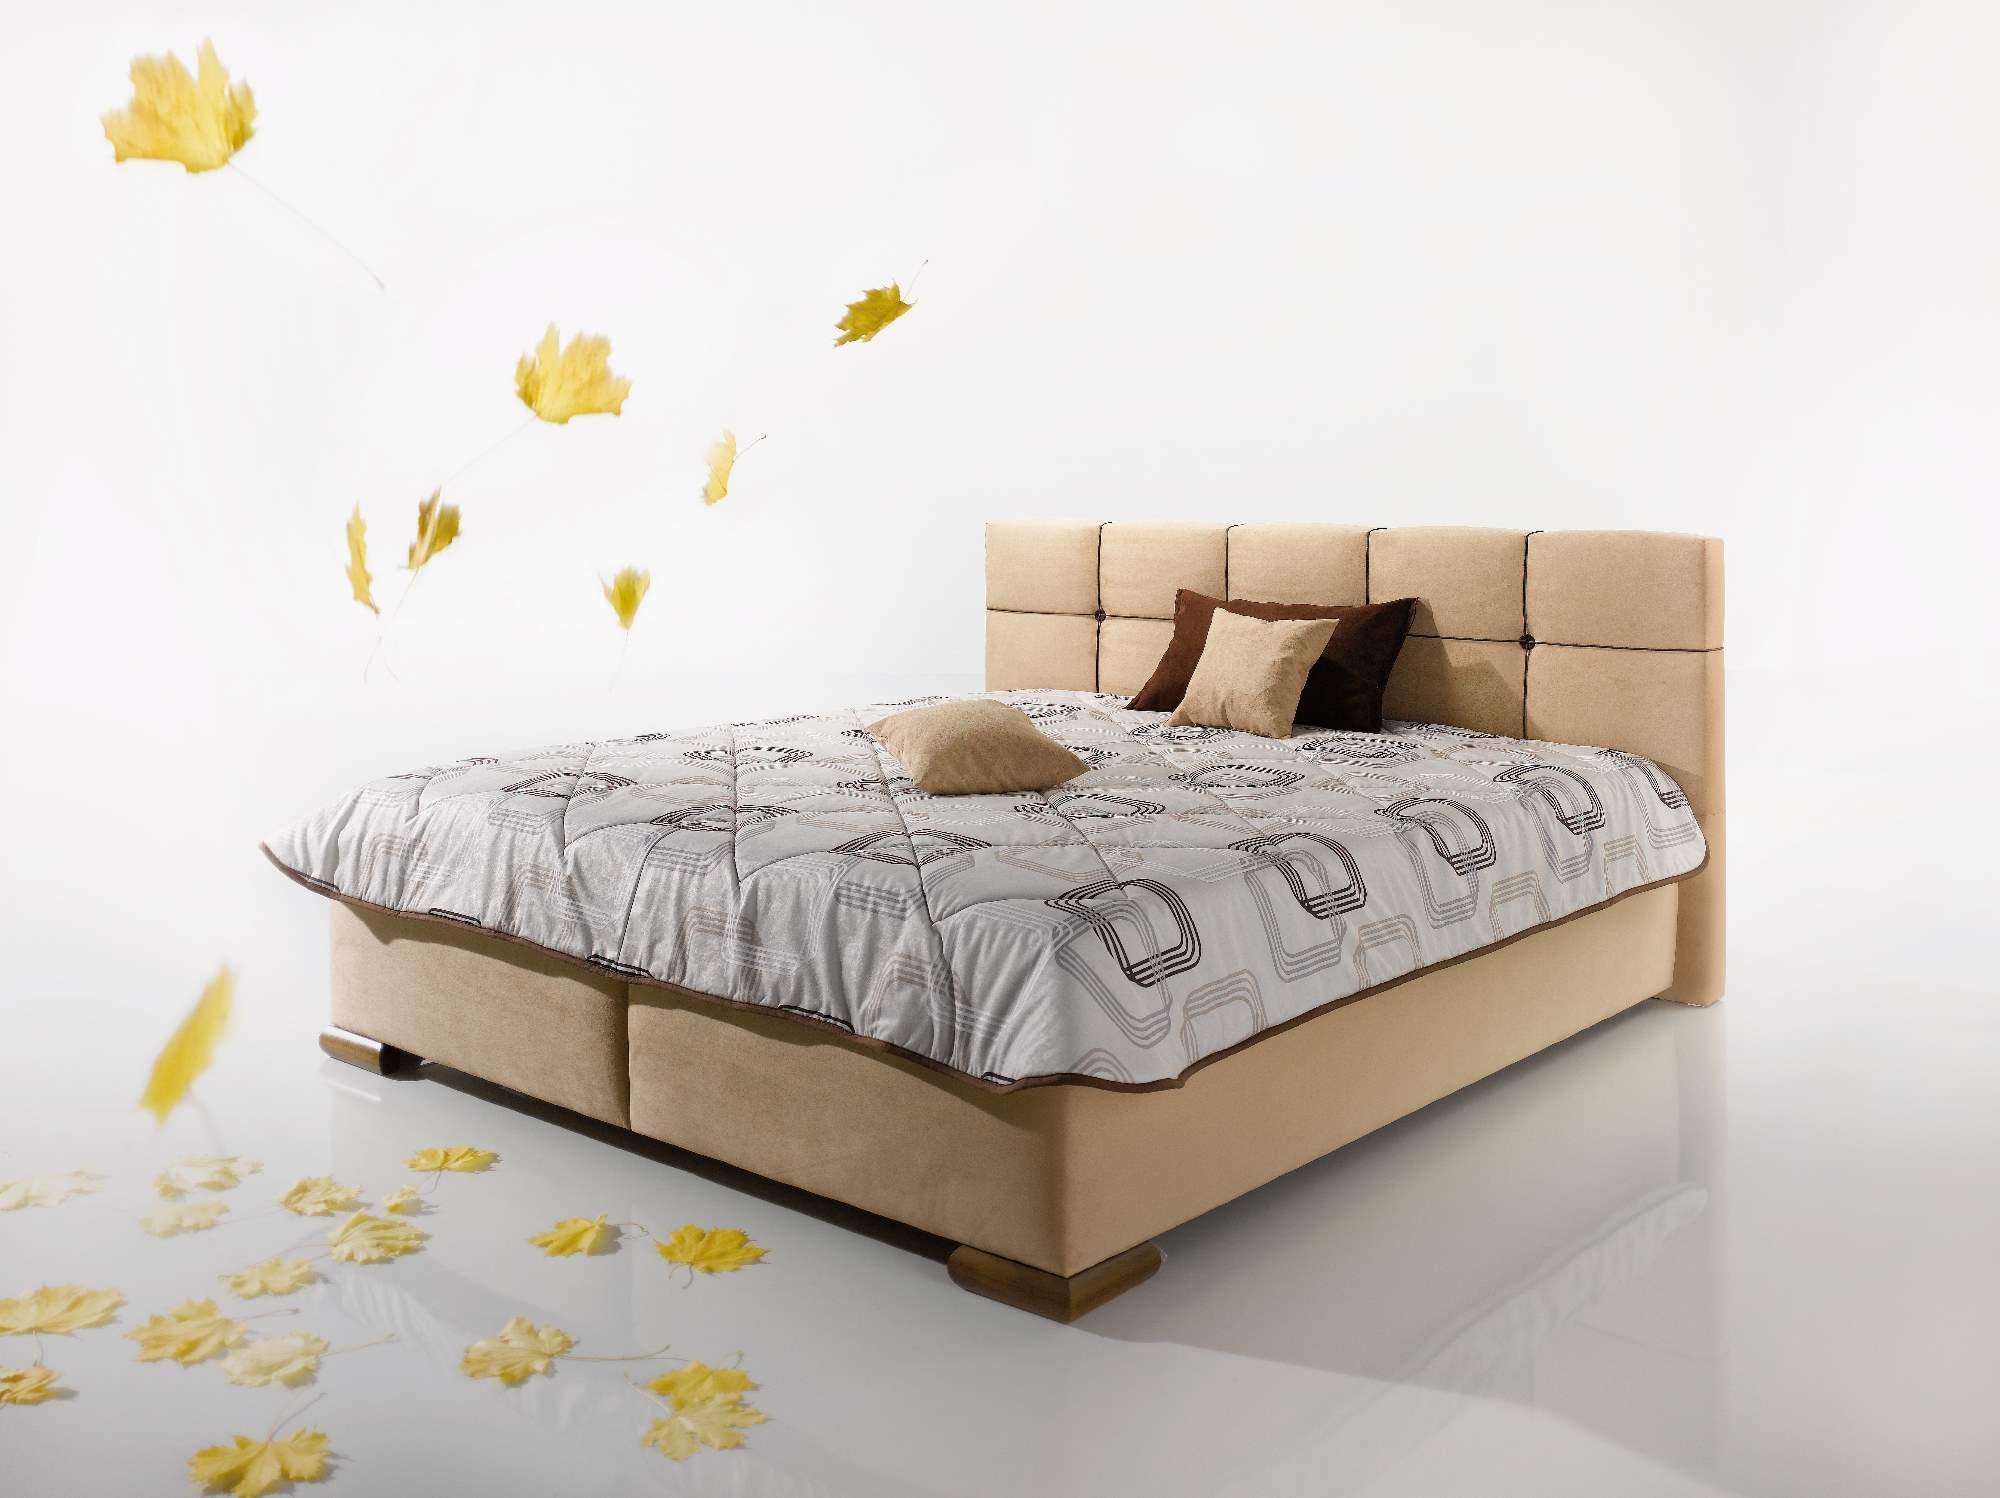 ArtND Manželská posteľ Lastra 160 Varianta: s roštom ND4 / bez matraca